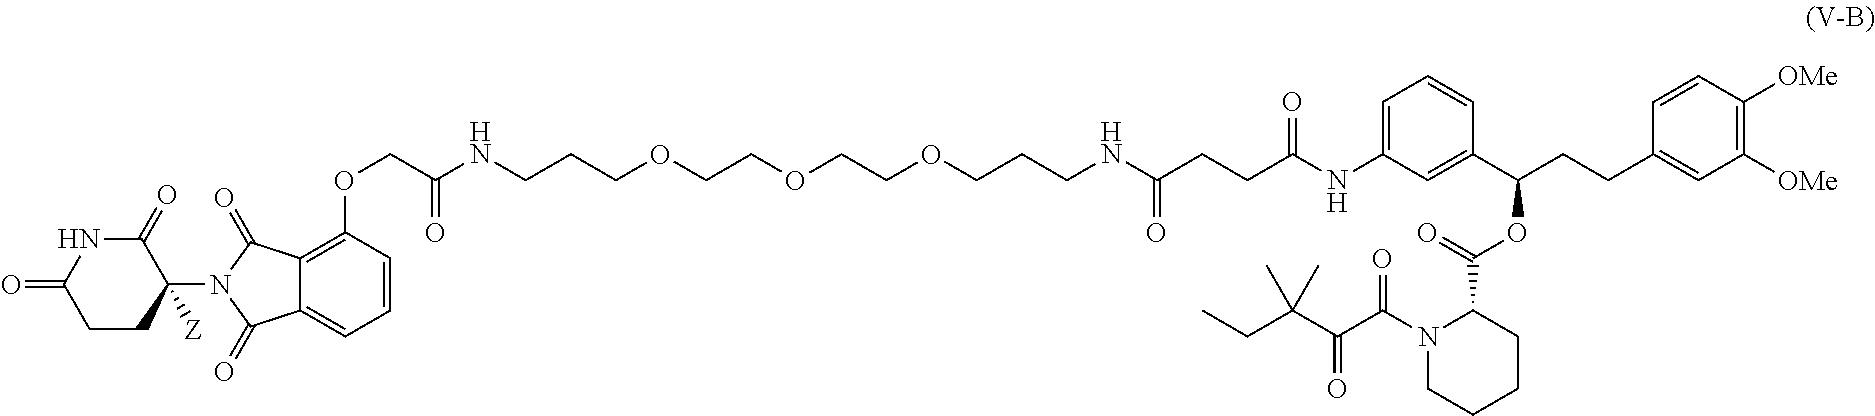 Figure US09809603-20171107-C00036